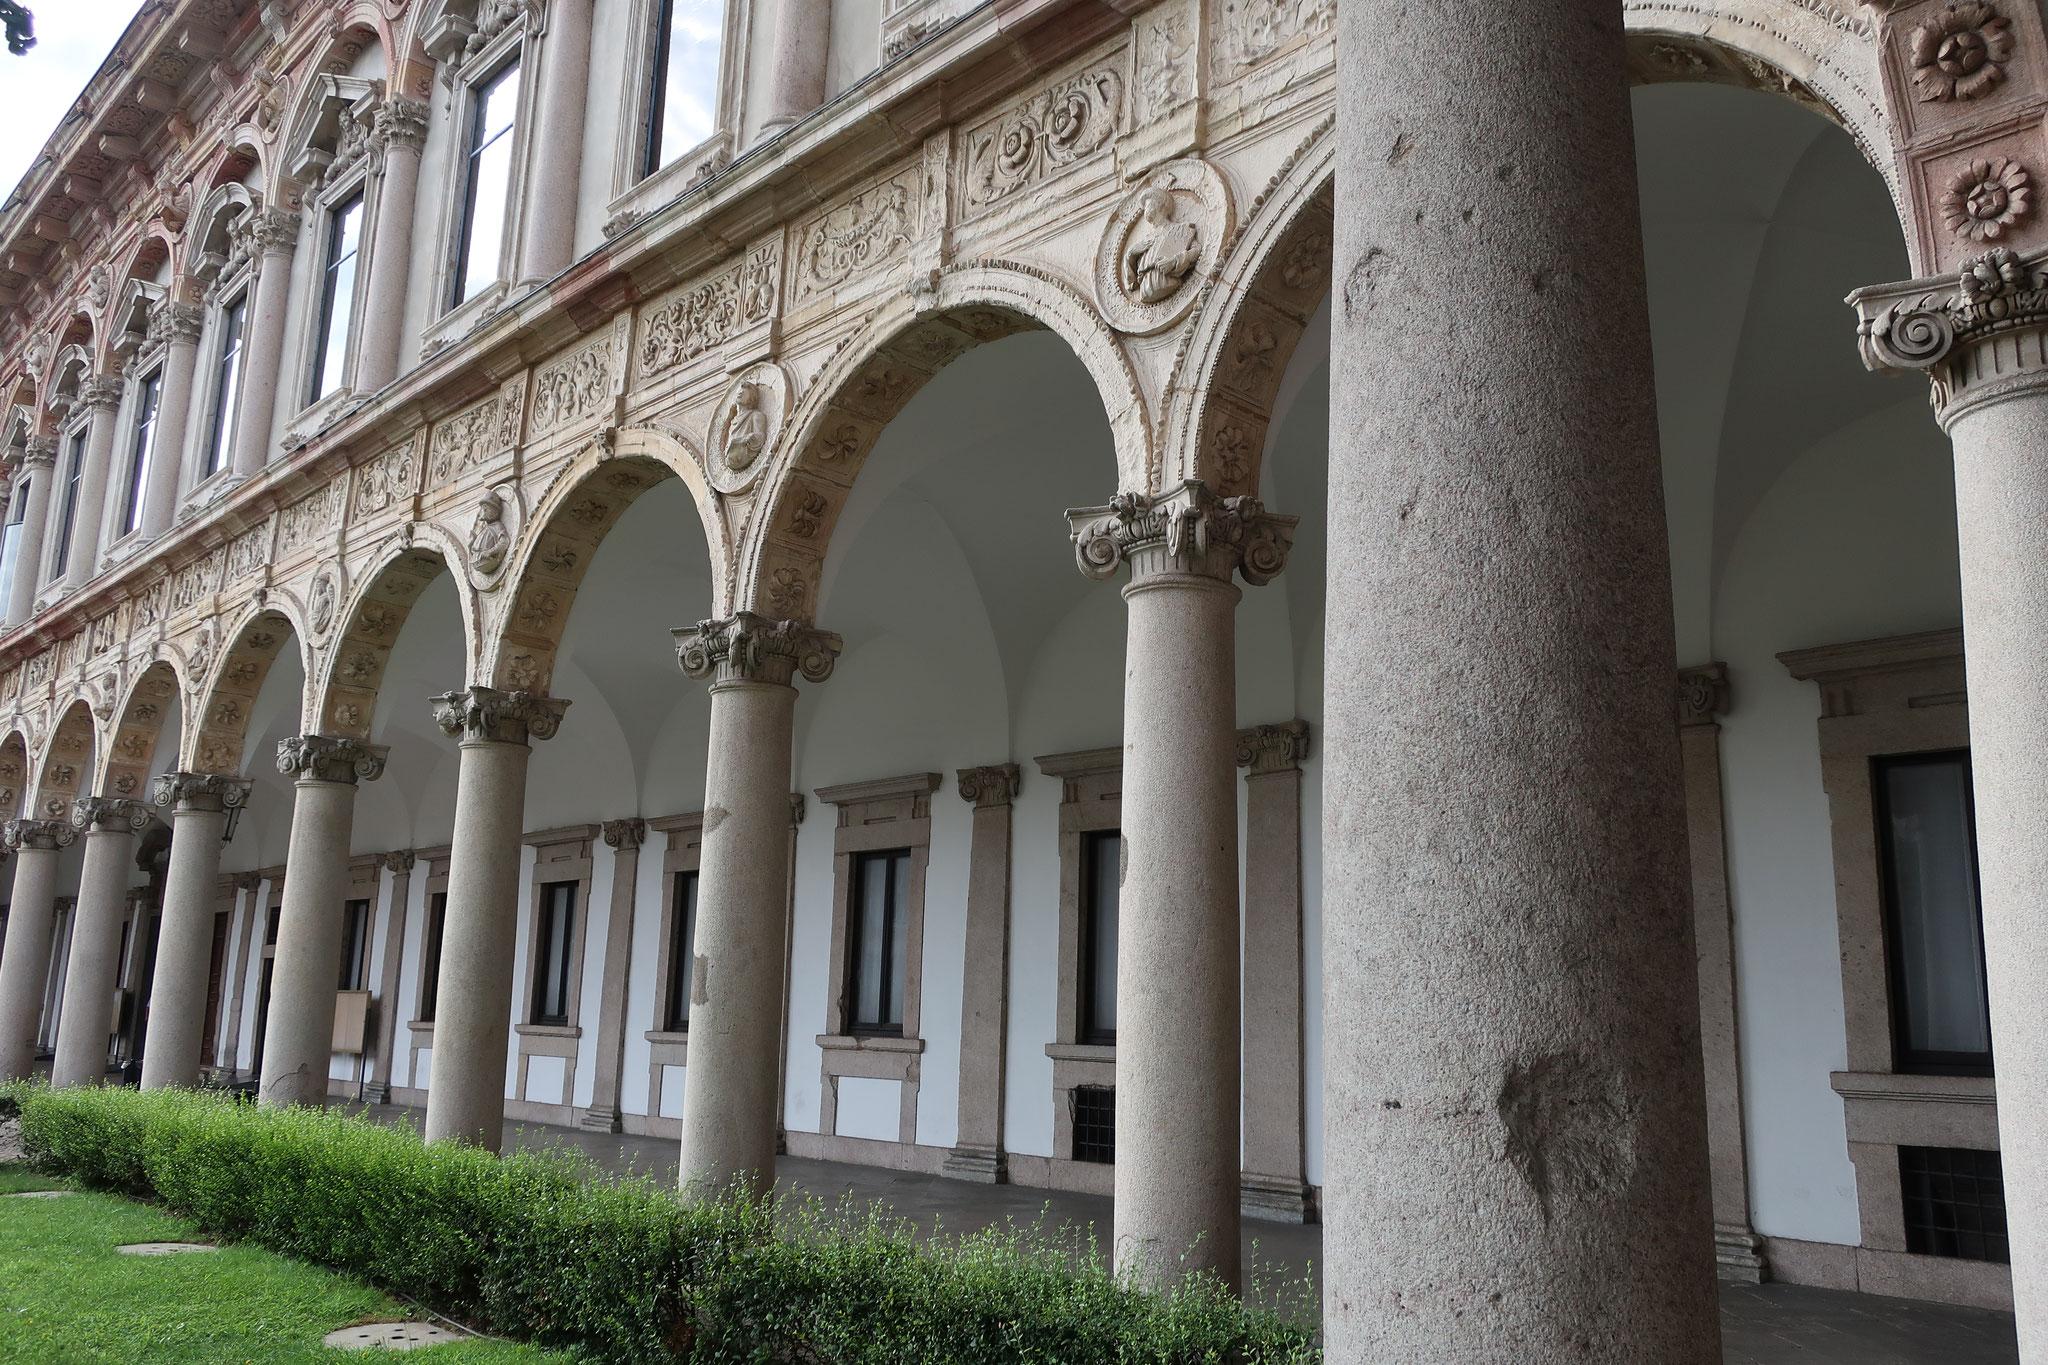 旧マッジョーレ病院:「カ・グランダ」(偉大なる館)とも呼ばれます。現在は、ミラノ大学人間学部のキャンパス。